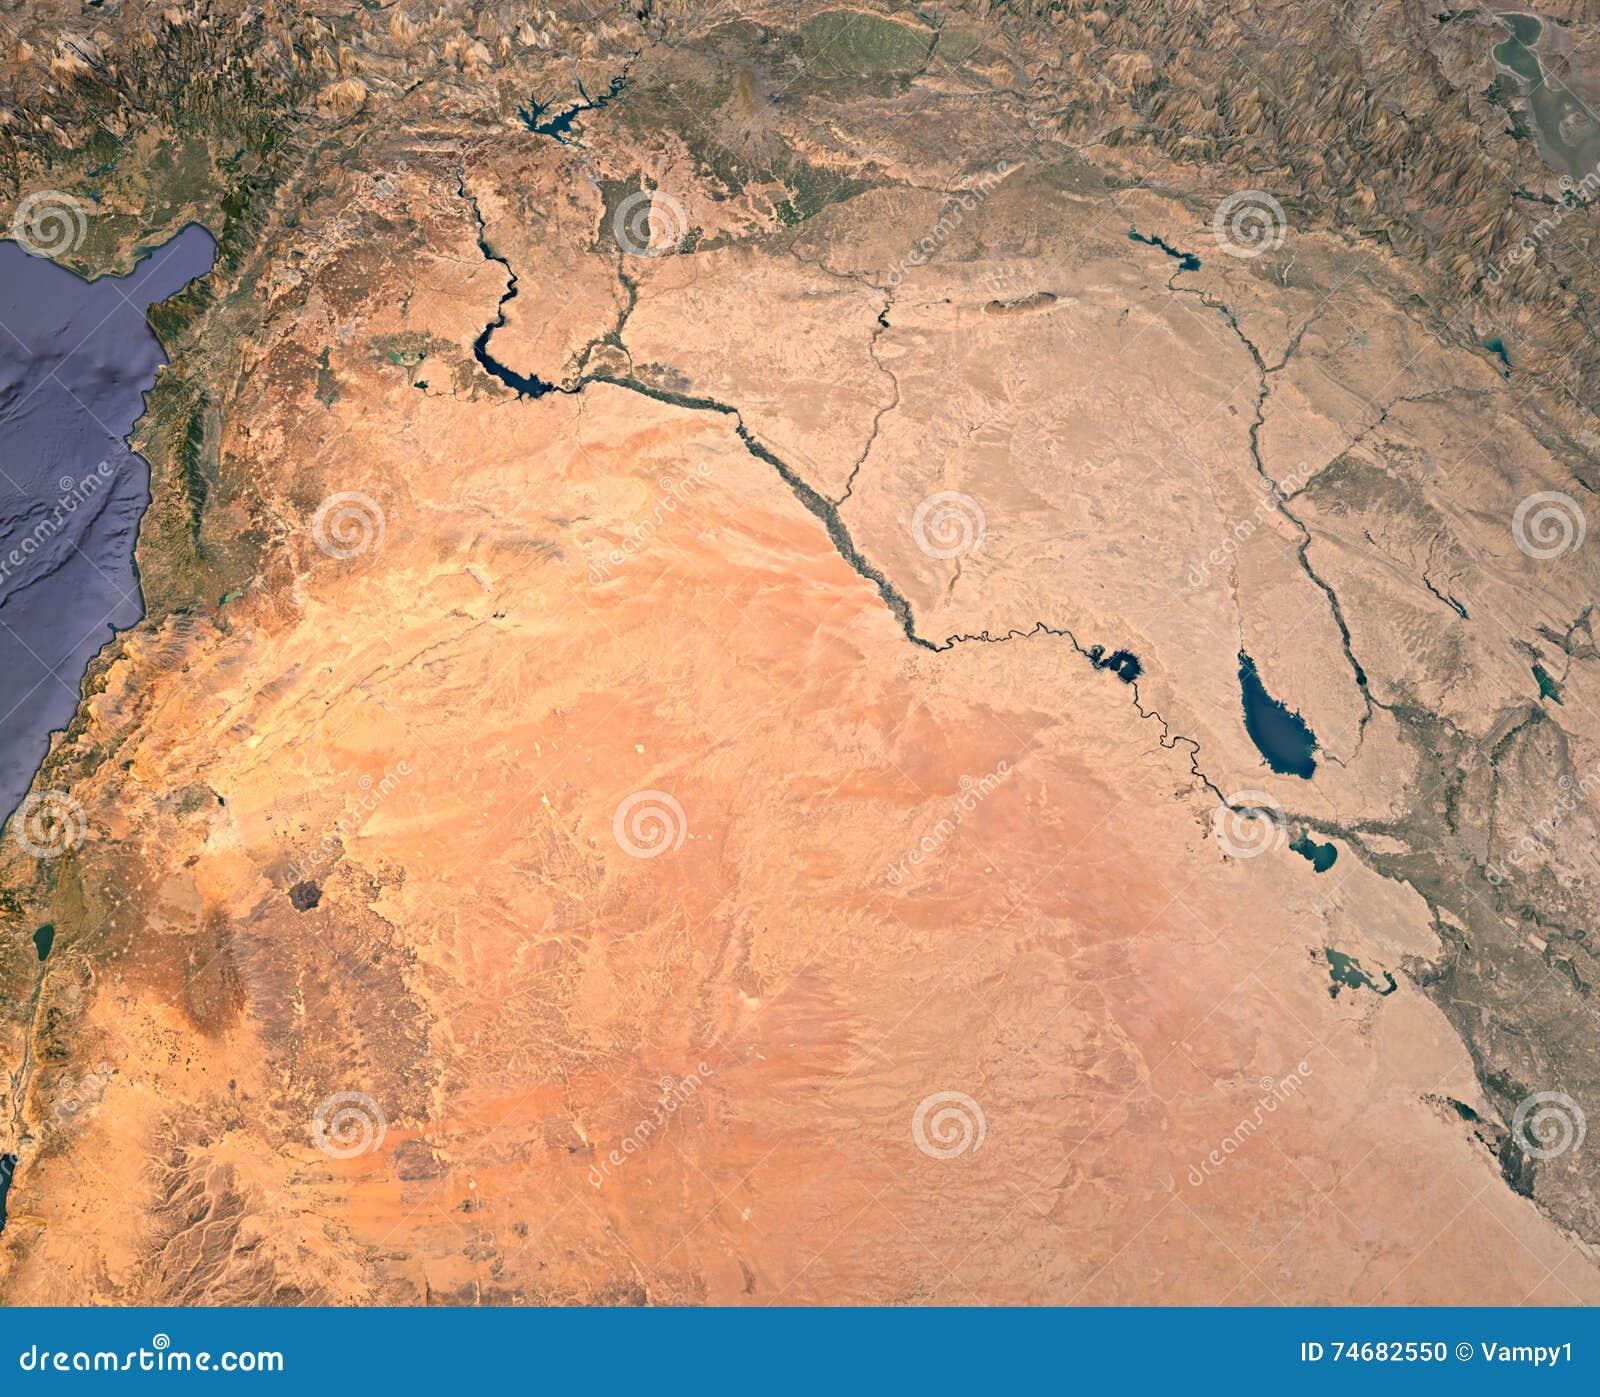 Syrien Irak Karte.Syrien Der Irak Satellitenbild Karte 3d Wiedergabe Land